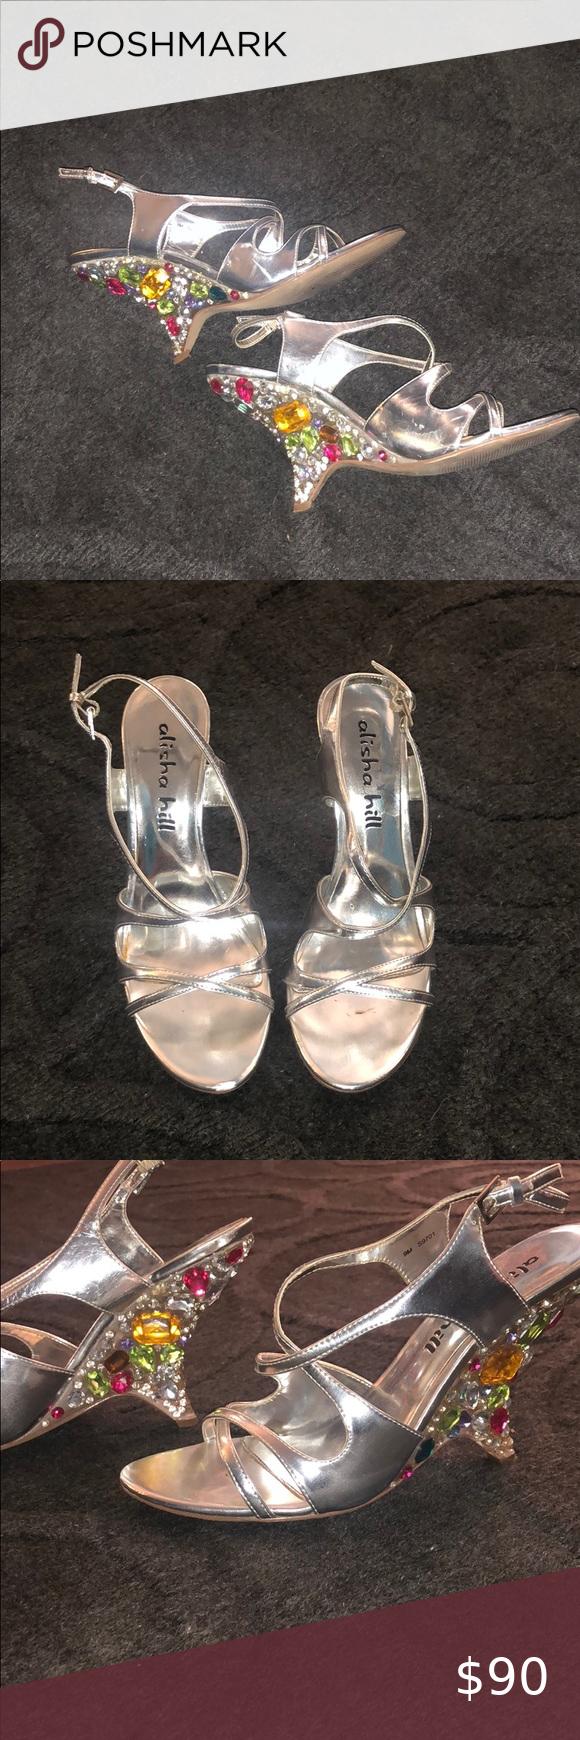 Beautiful unique stoned heels in 2020 Shoes women heels